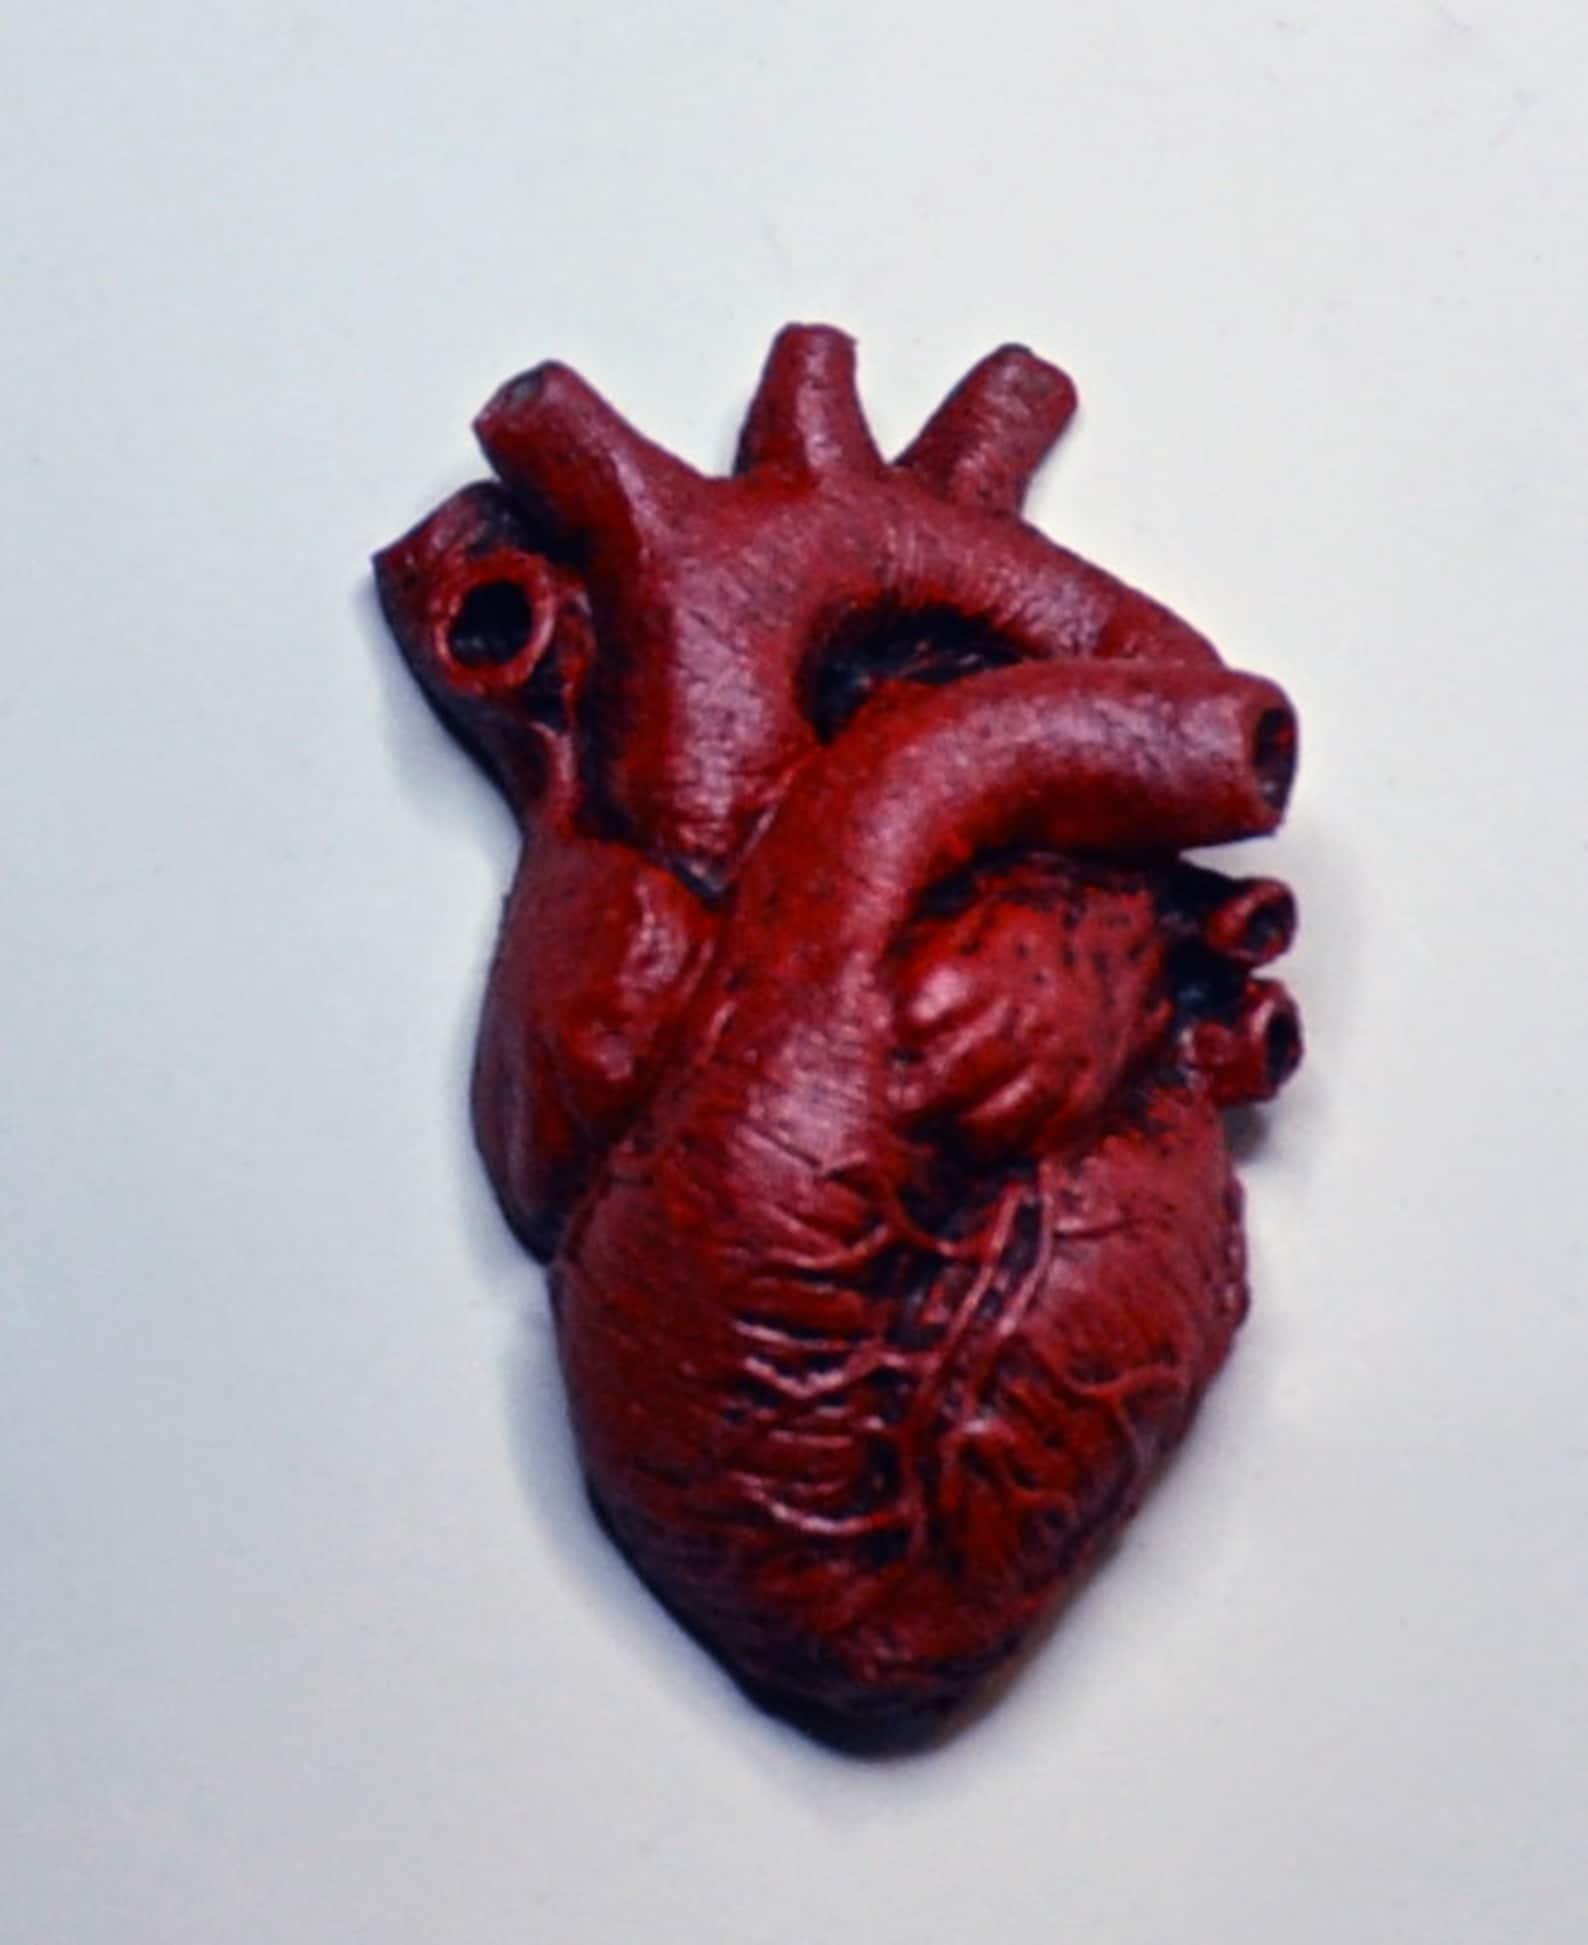 ткани том, картинки неровных сердец то, что